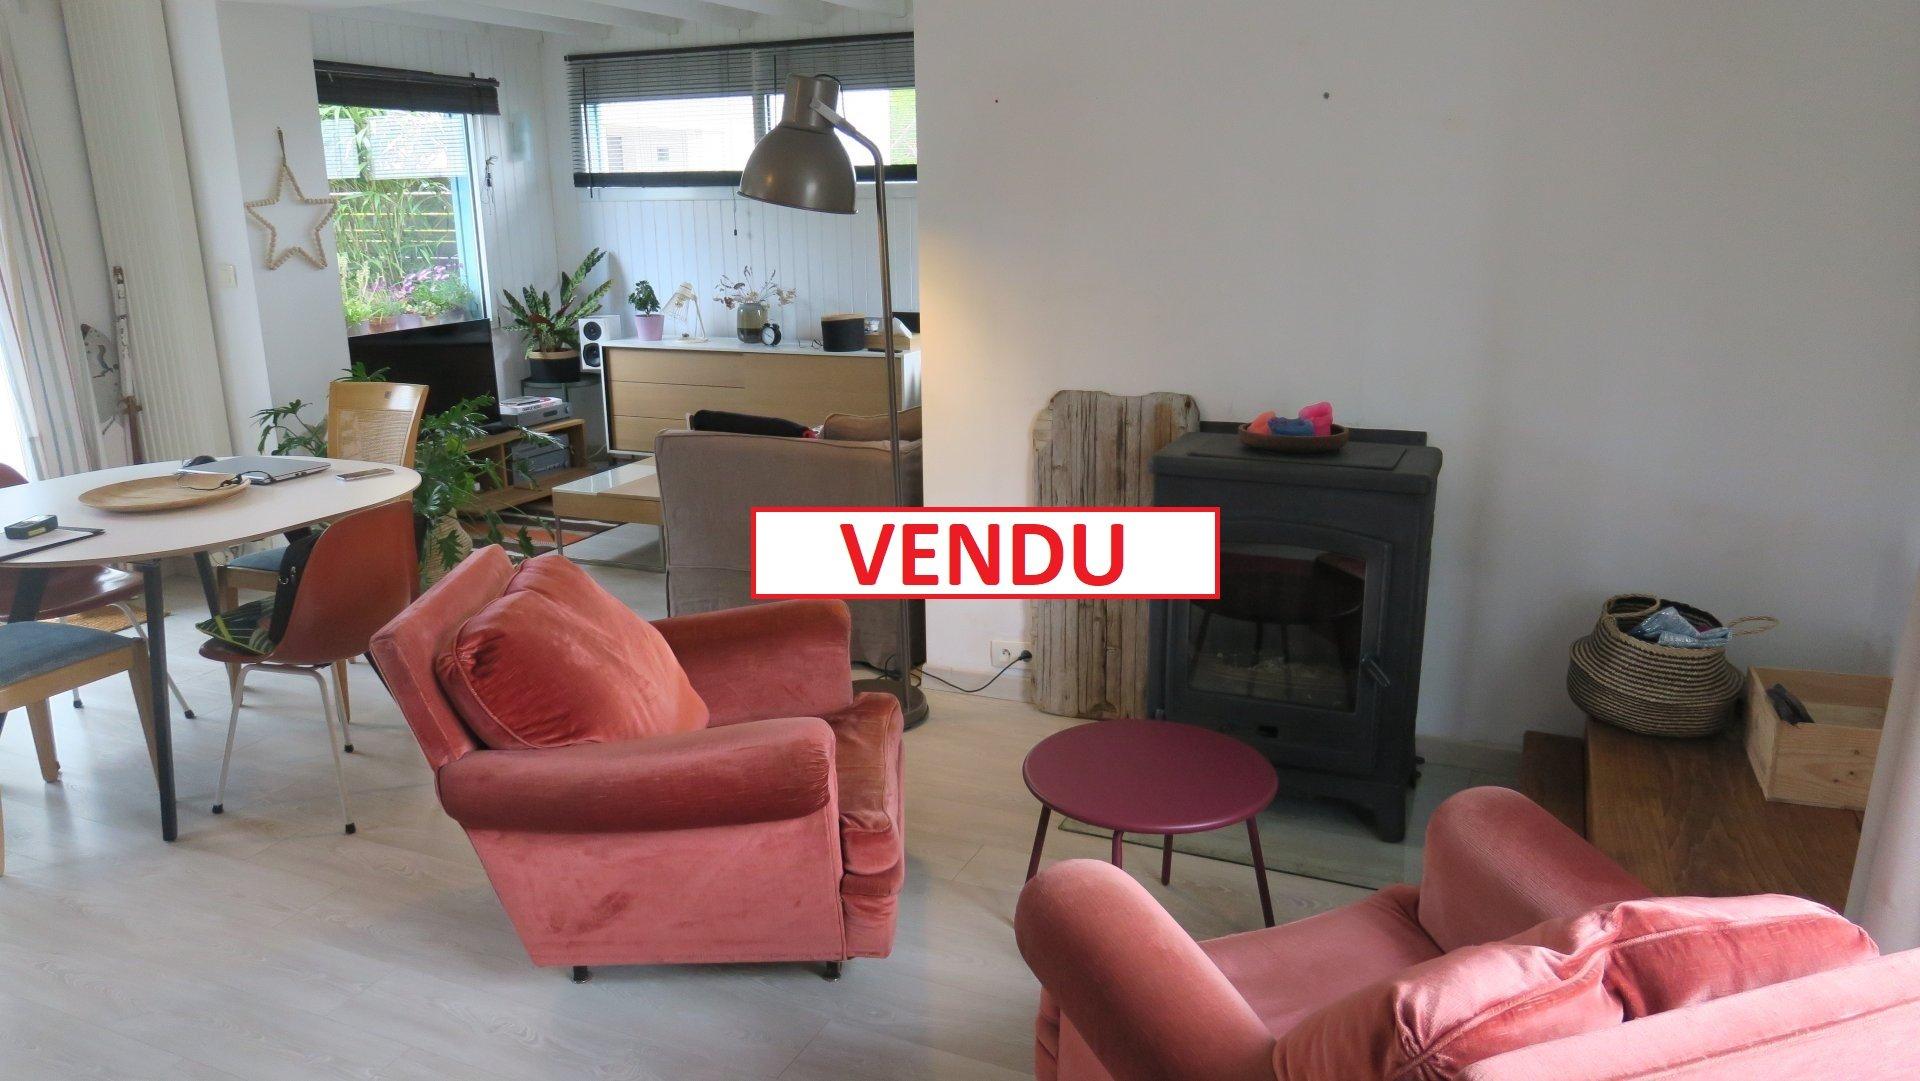 St Herblain - Crémetterie - Maison 5 pièces de 90 m²